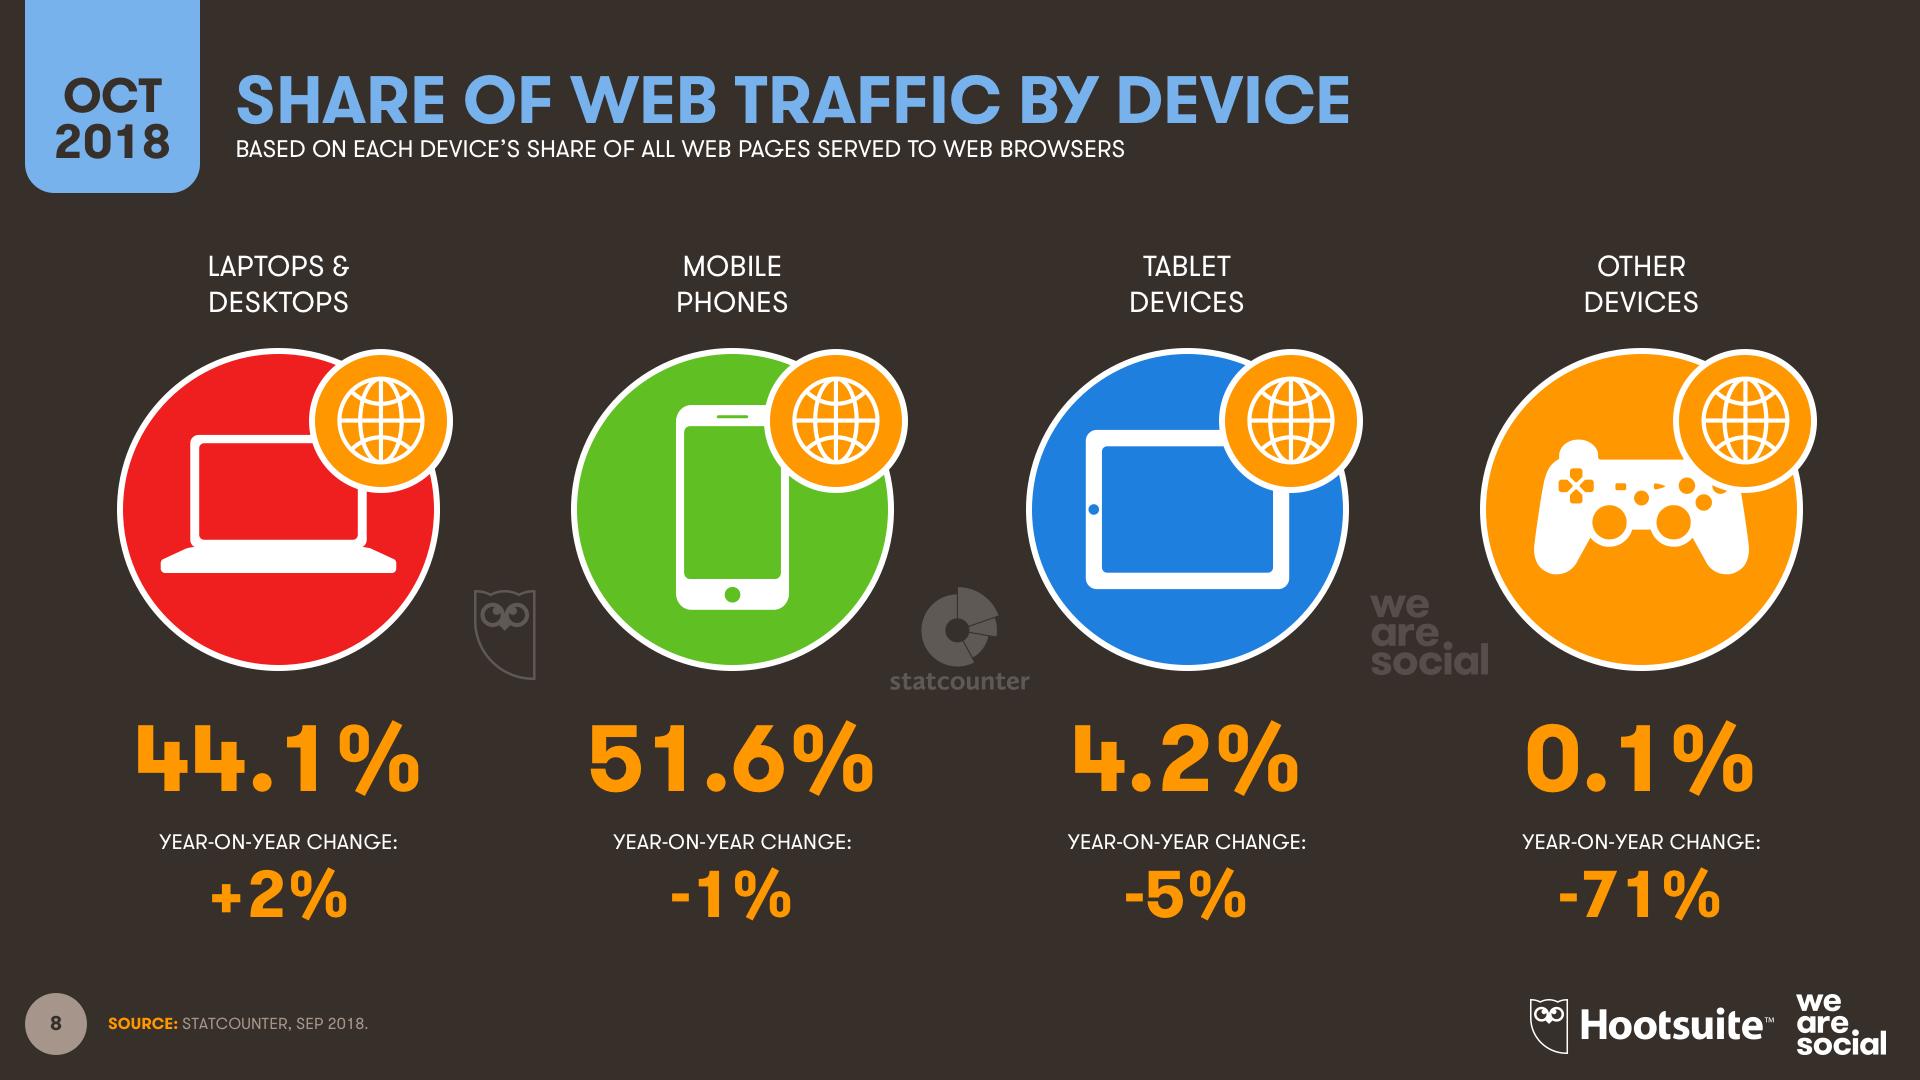 Anteil an Internettraffic nach Geräten